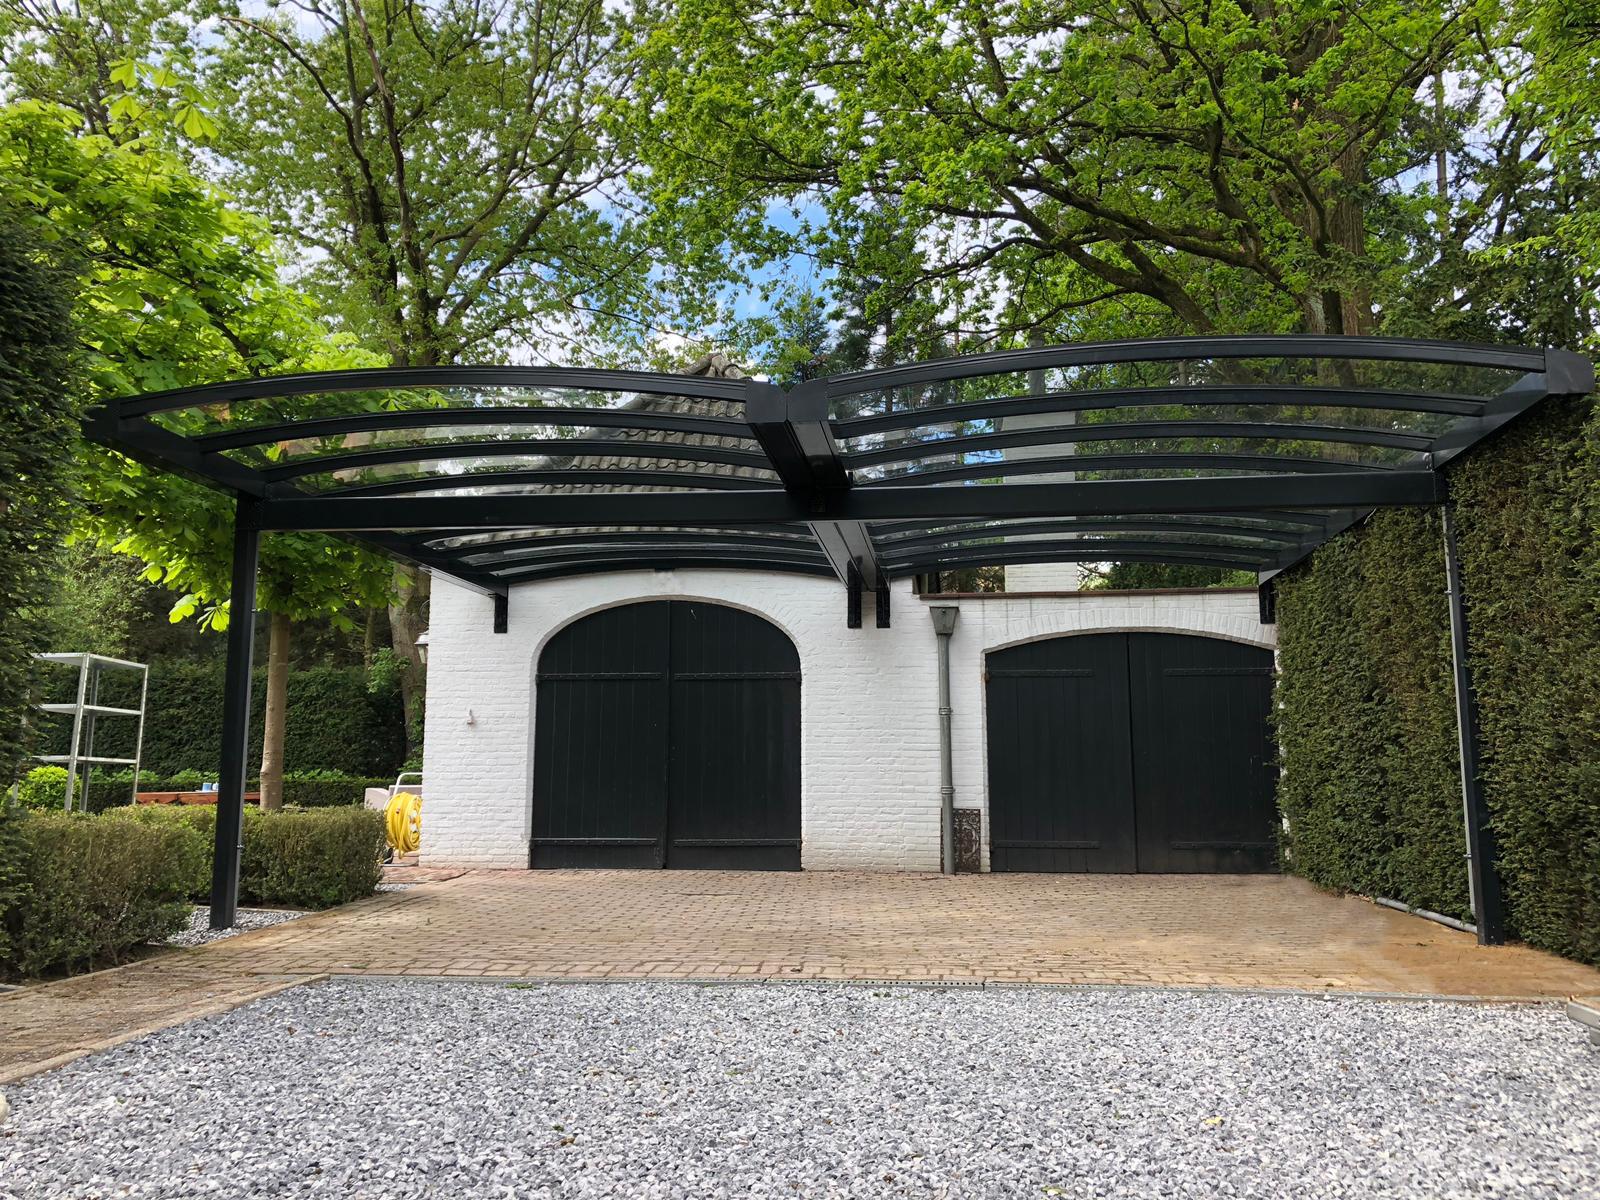 Vooraanzicht van dubbele gebogen aluminium carport met glas tegen witte stenen garage met groene deuren.